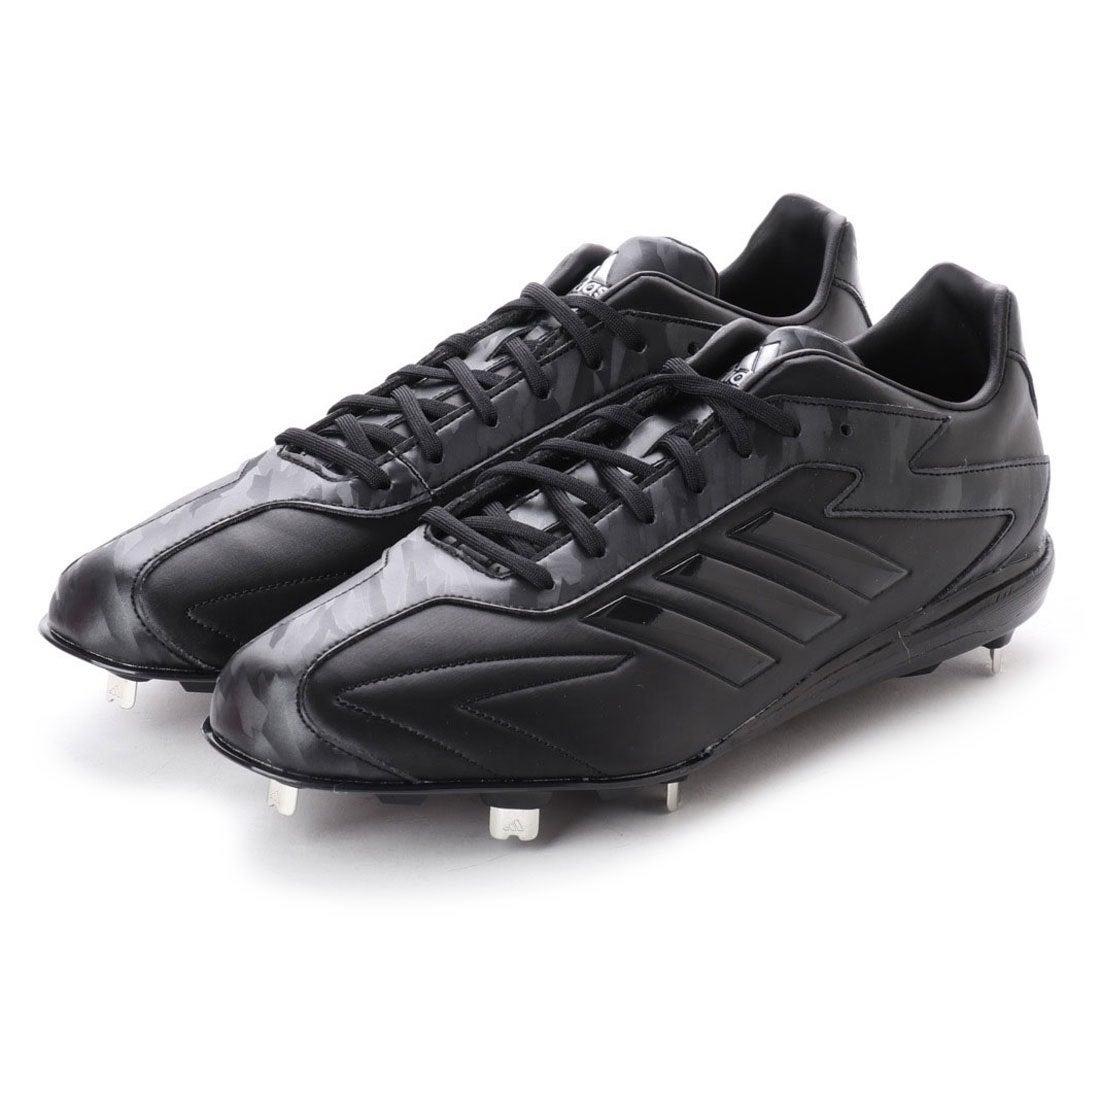 【SALE 10%OFF】アディダス adidas 野球 スパイクシューズ アディゼロSP7 CG5626